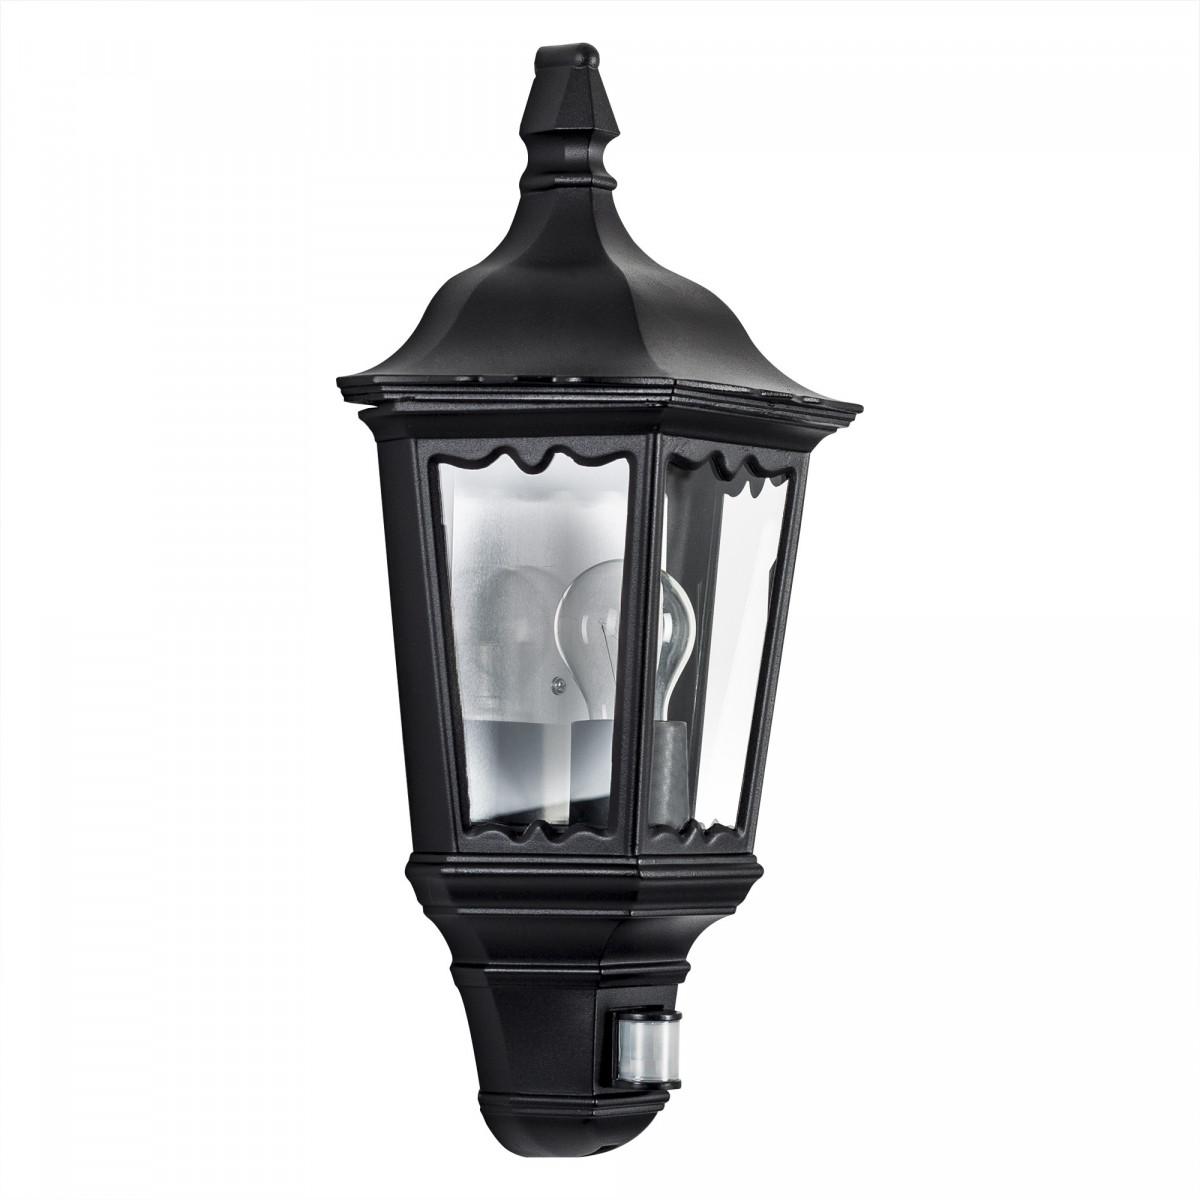 Buitenlamp Met Sensor Zwart.Buitenlamp Ancona Plat Sensor